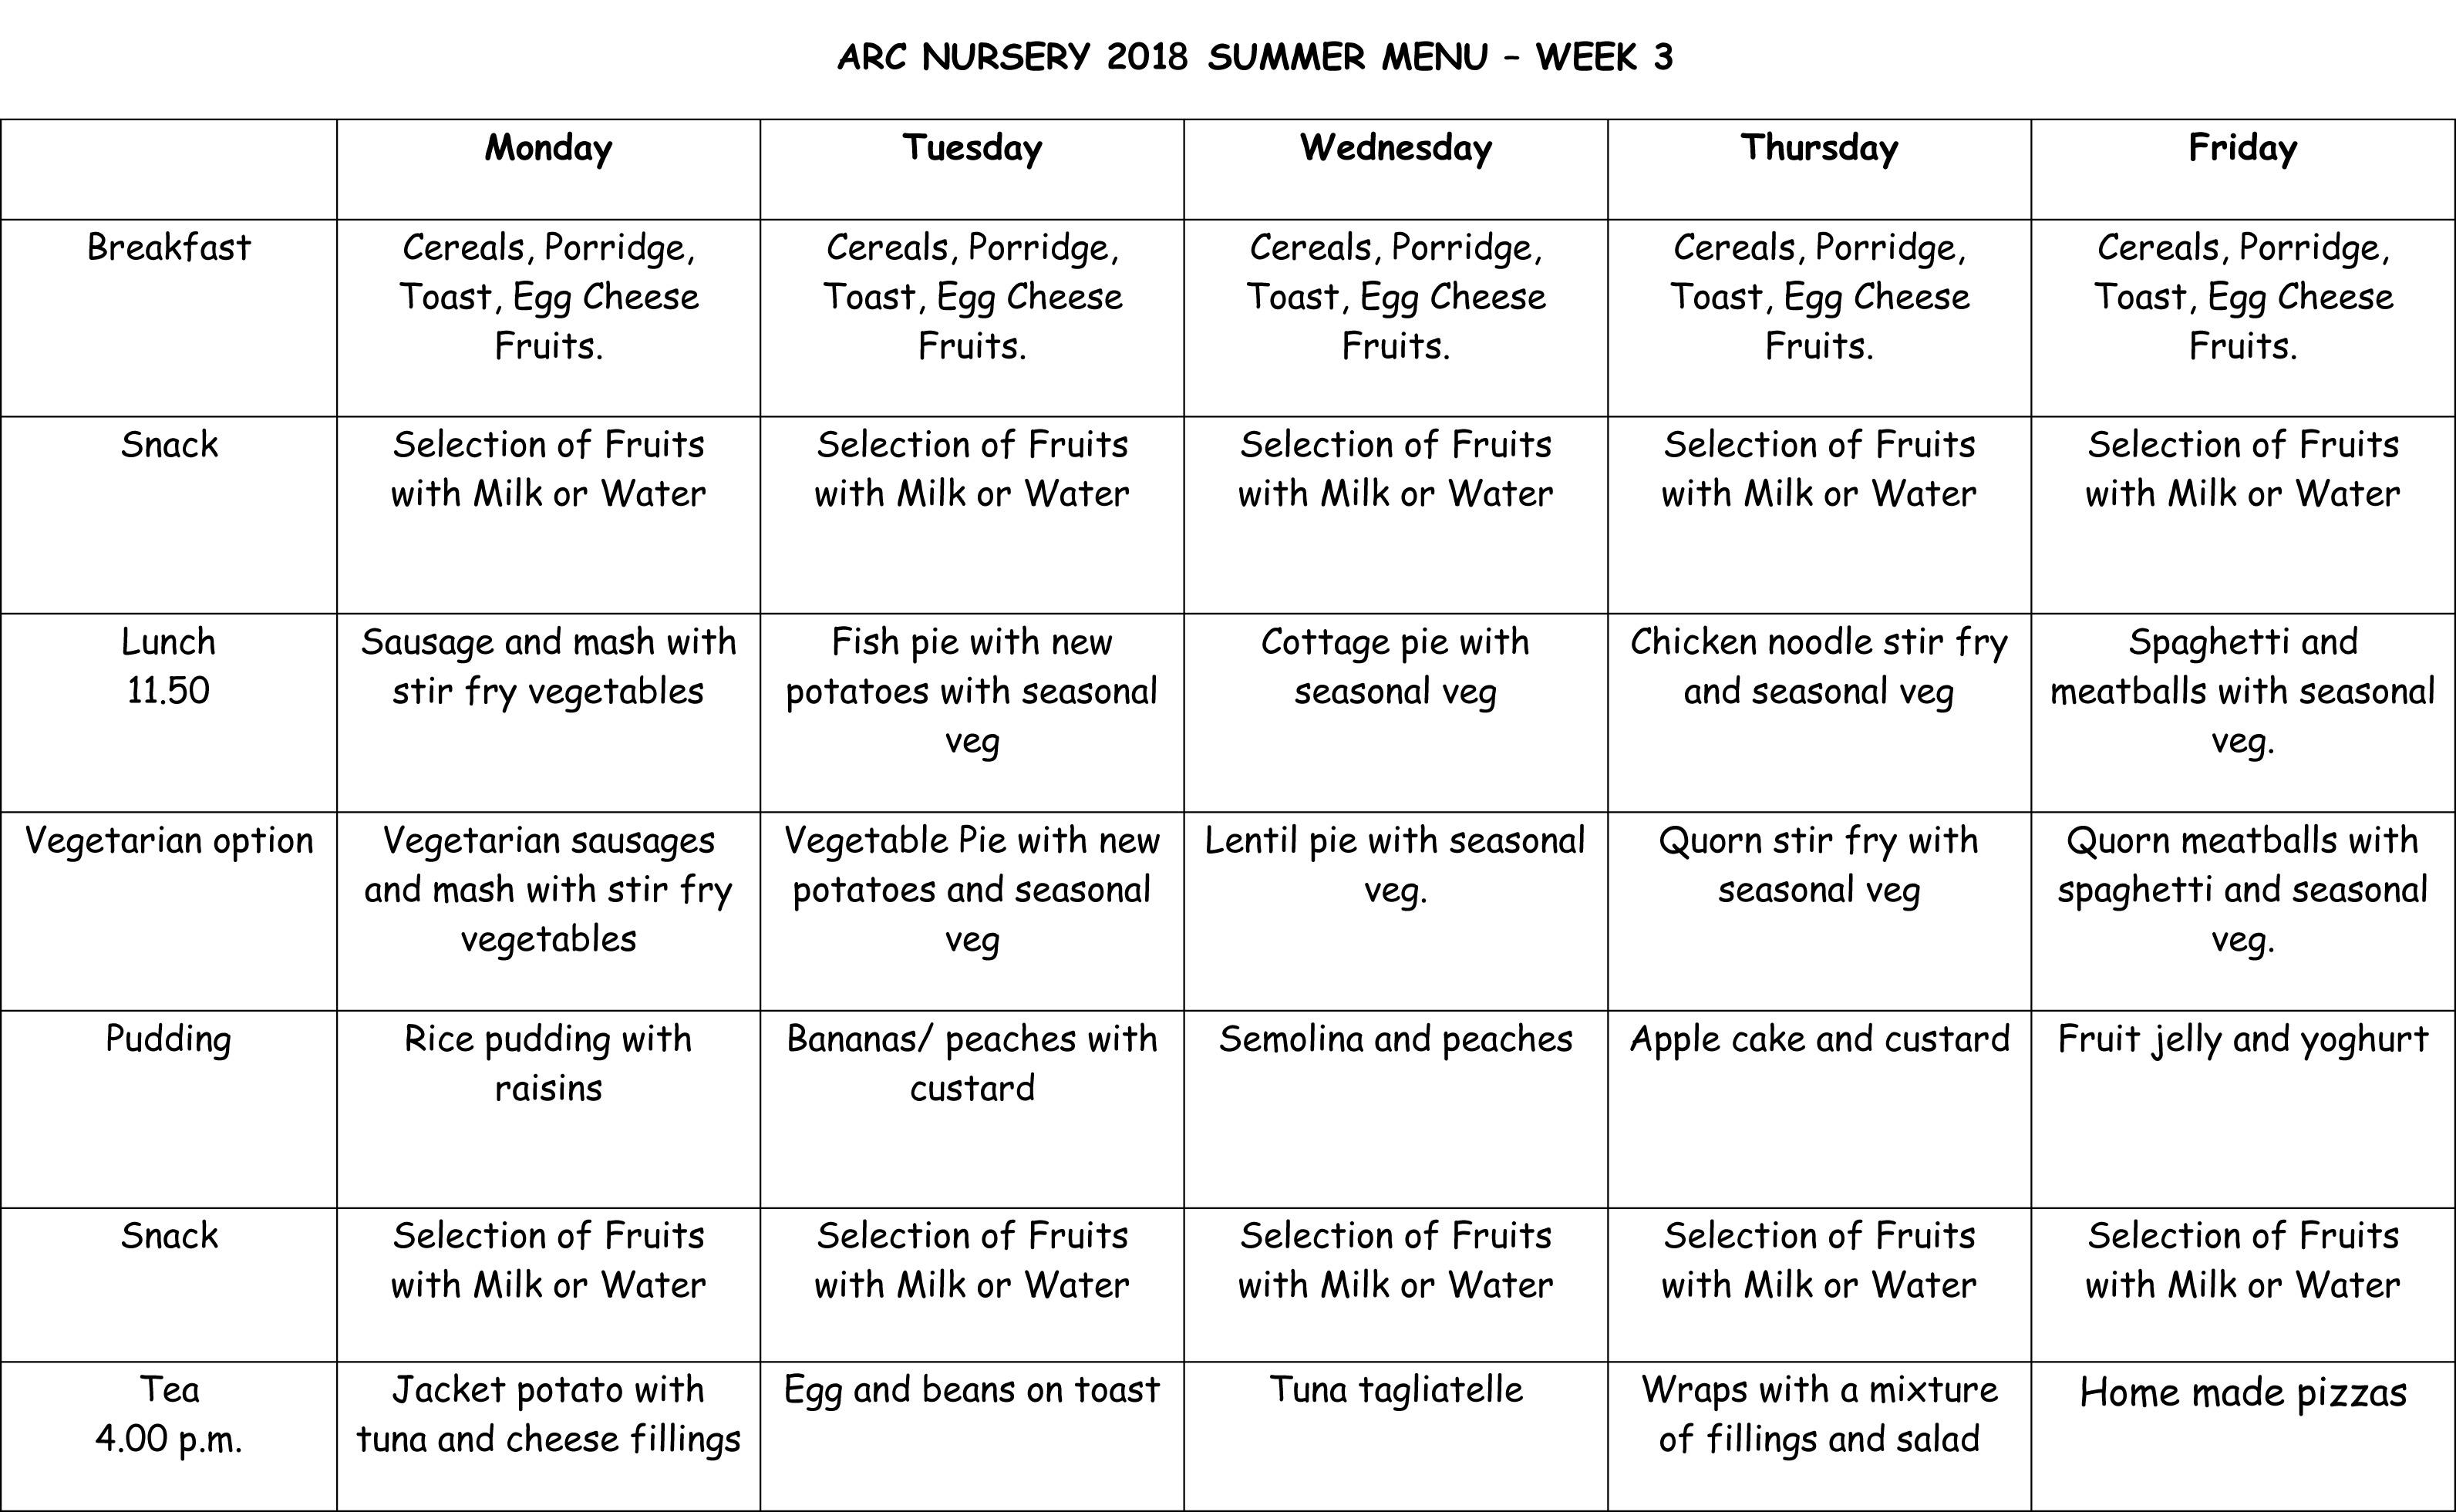 Arc Nursery 2018 Summer Menu - Week 3